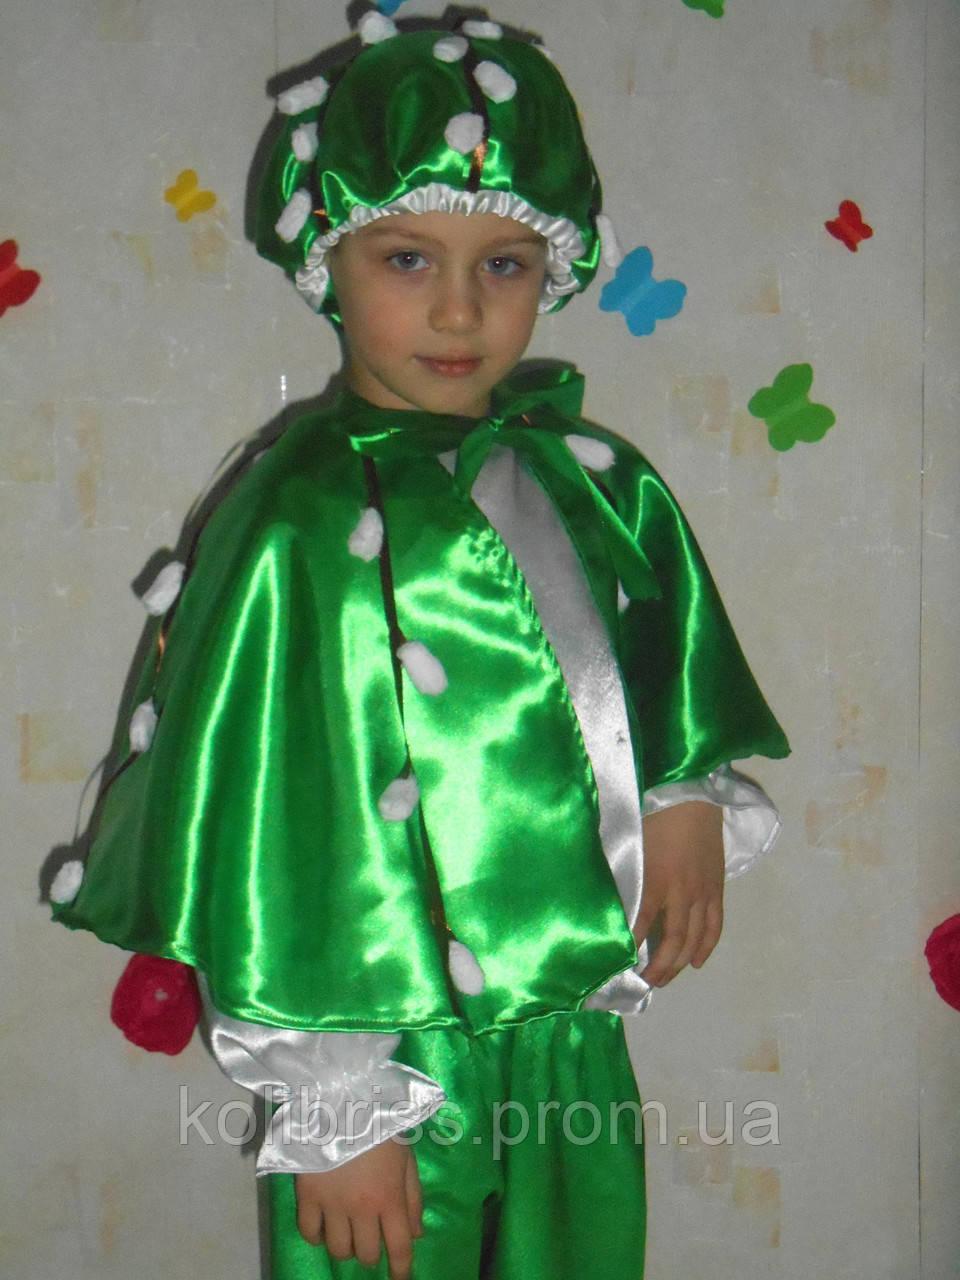 Карнавальный костюм месяц март, березень мальчик прокат